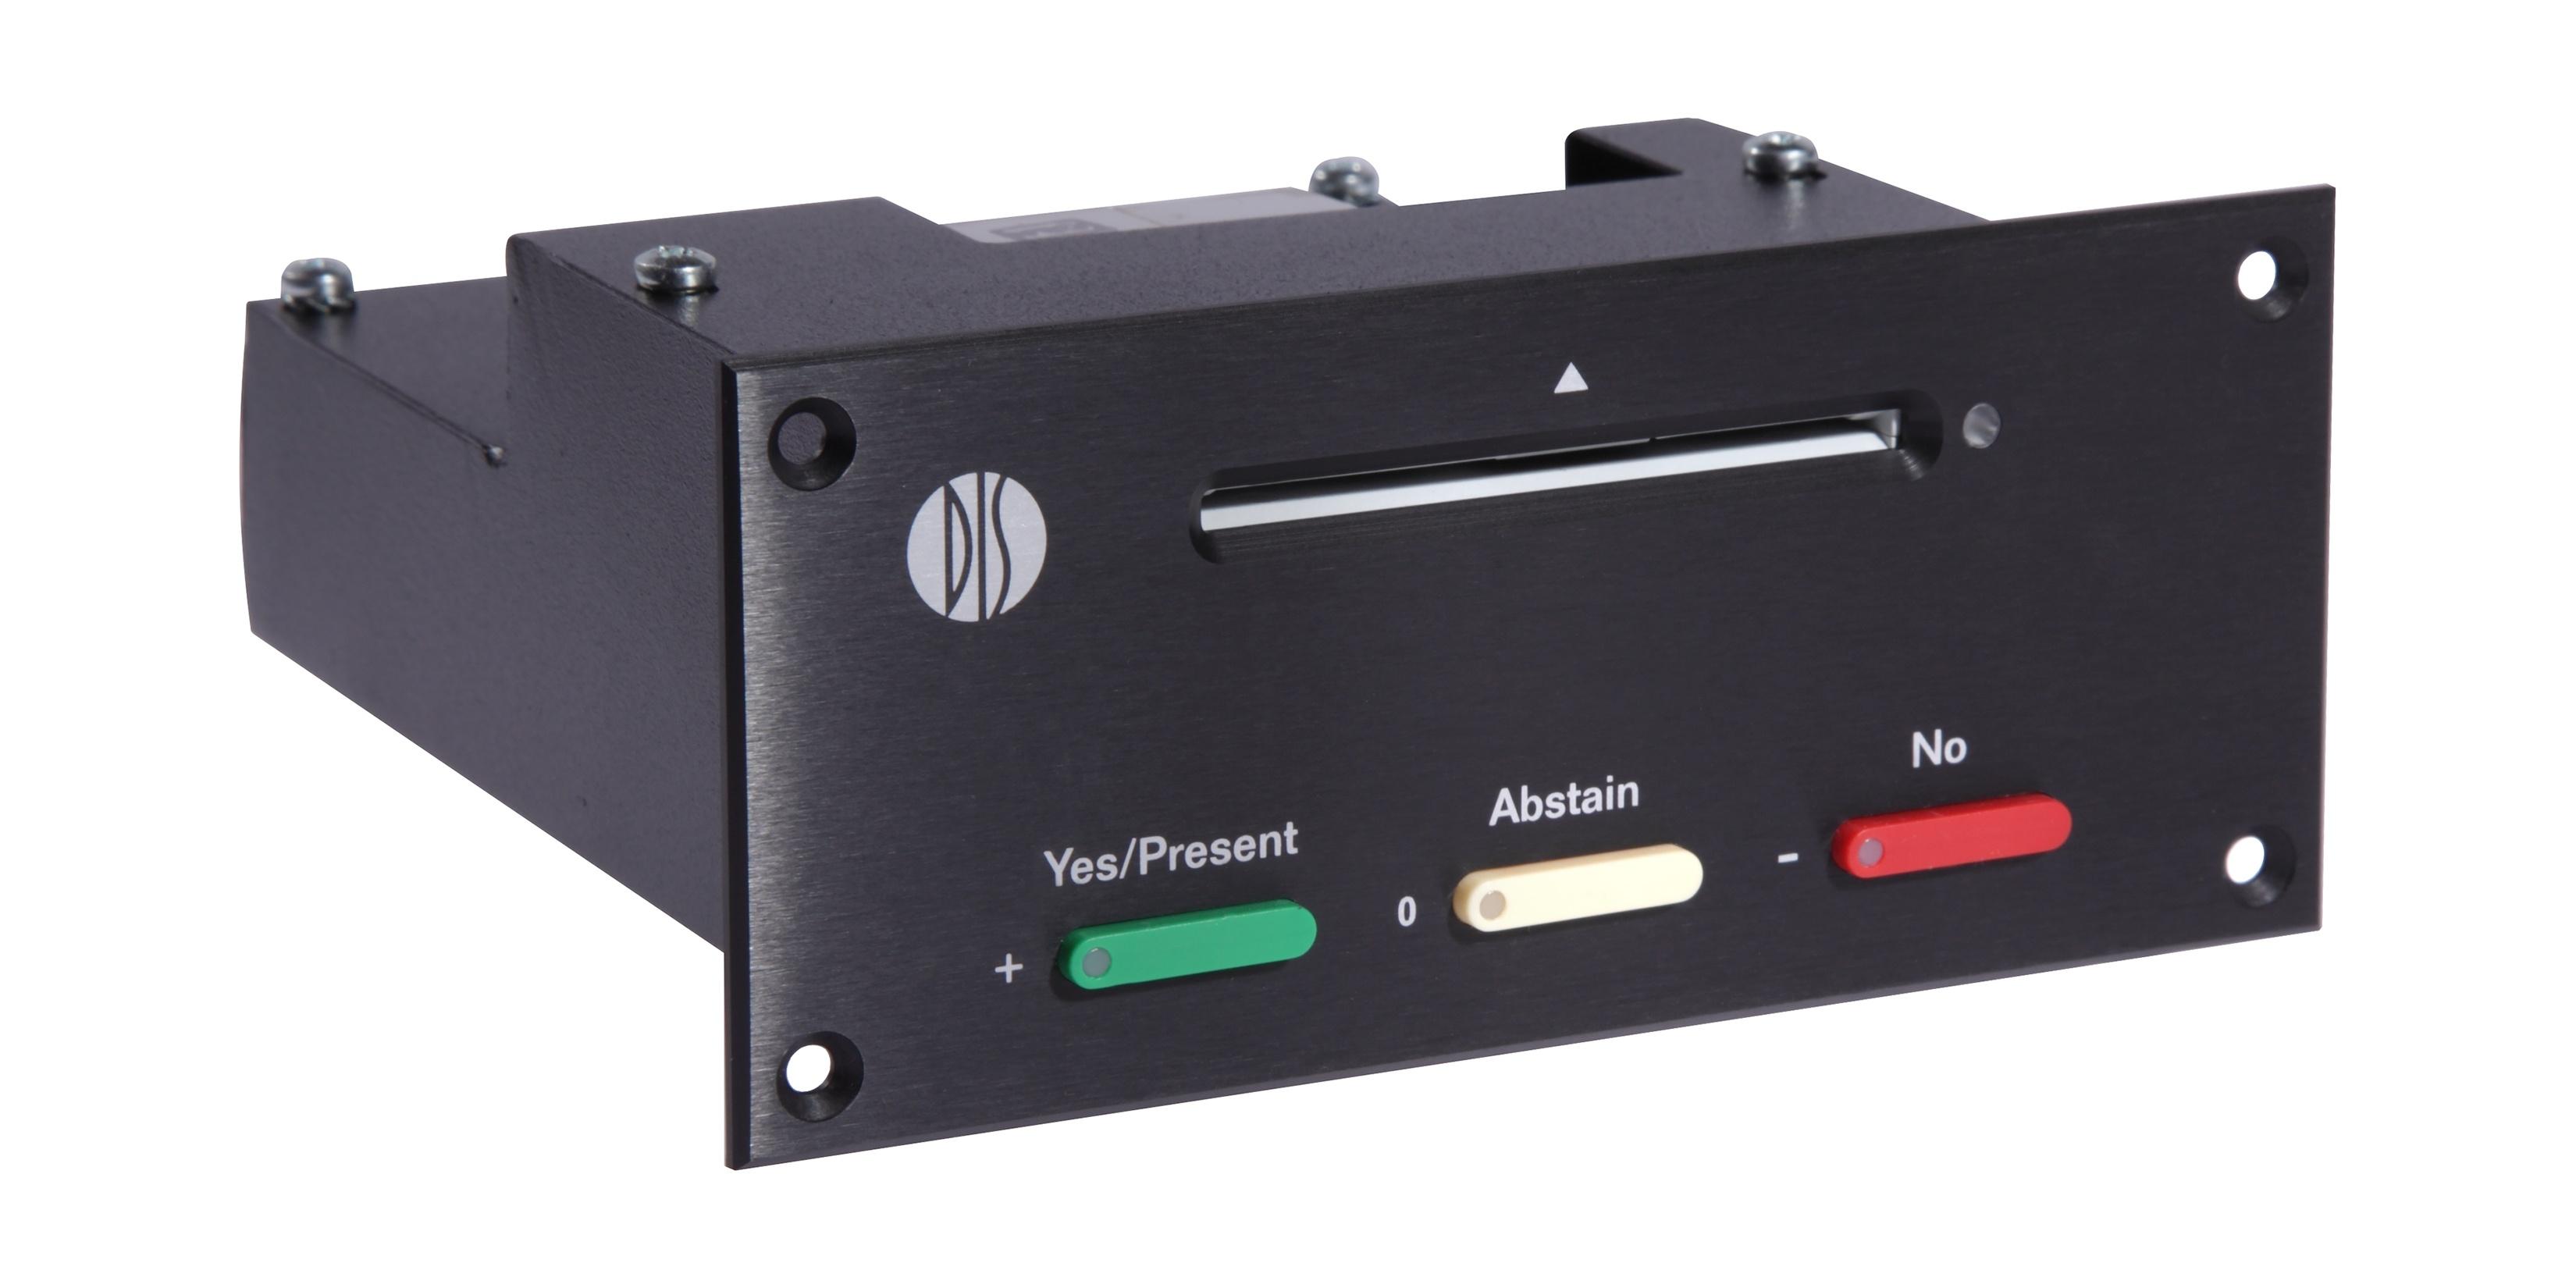 Shure DM 6501 F Flush-Mount Conference Unit